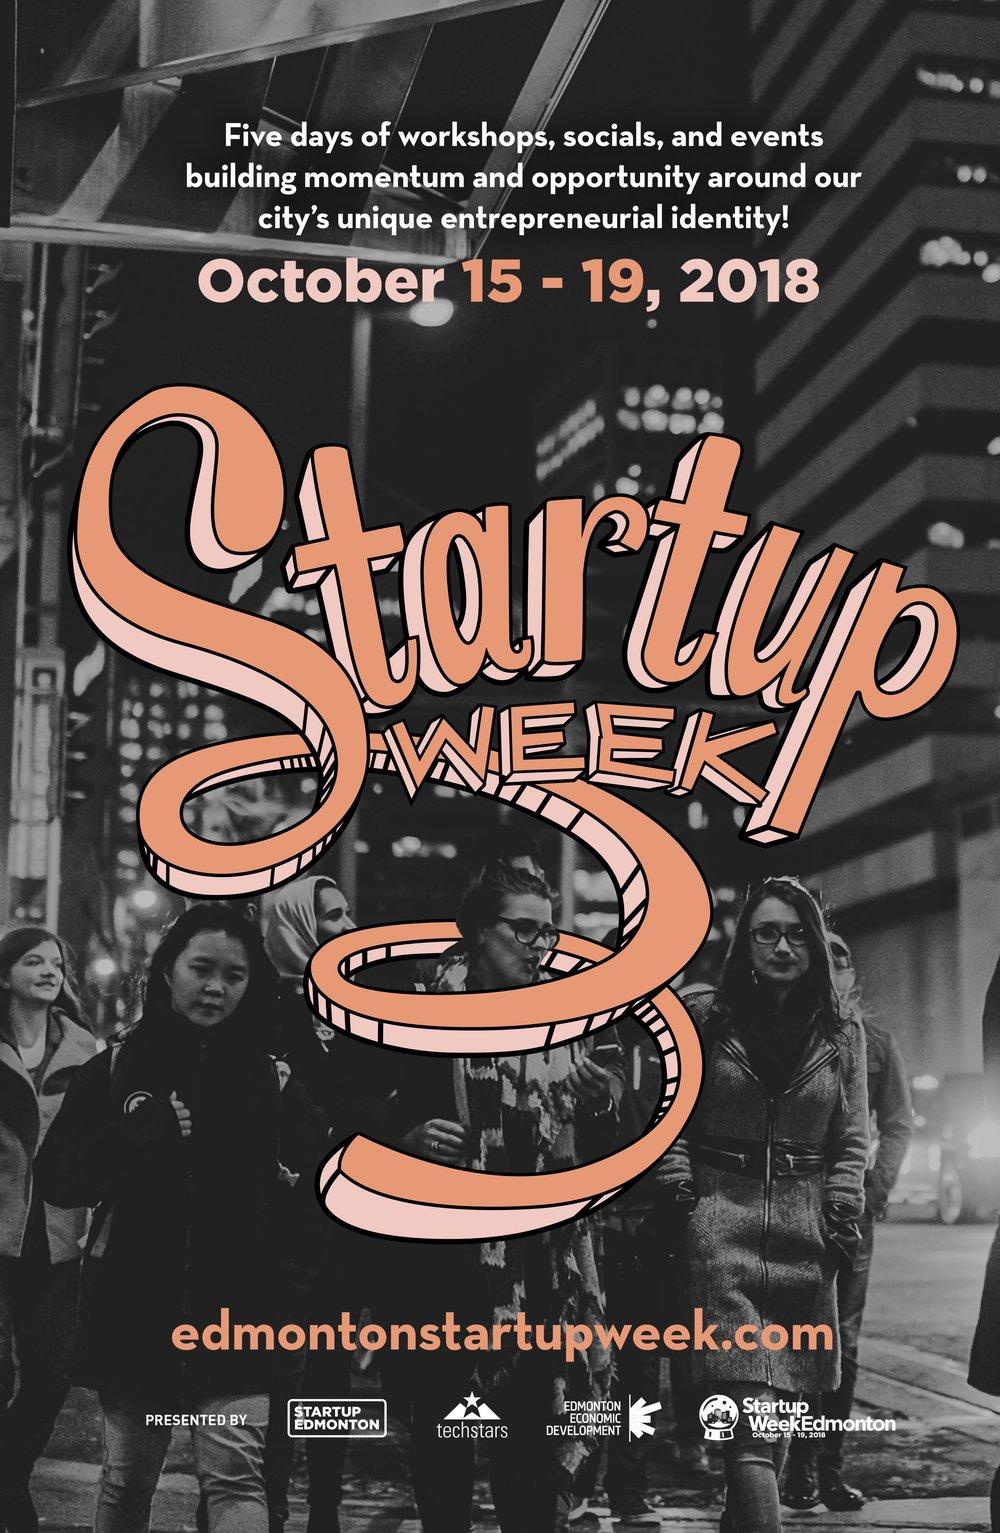 Startup-week-poster-peach-PRINT.jpg